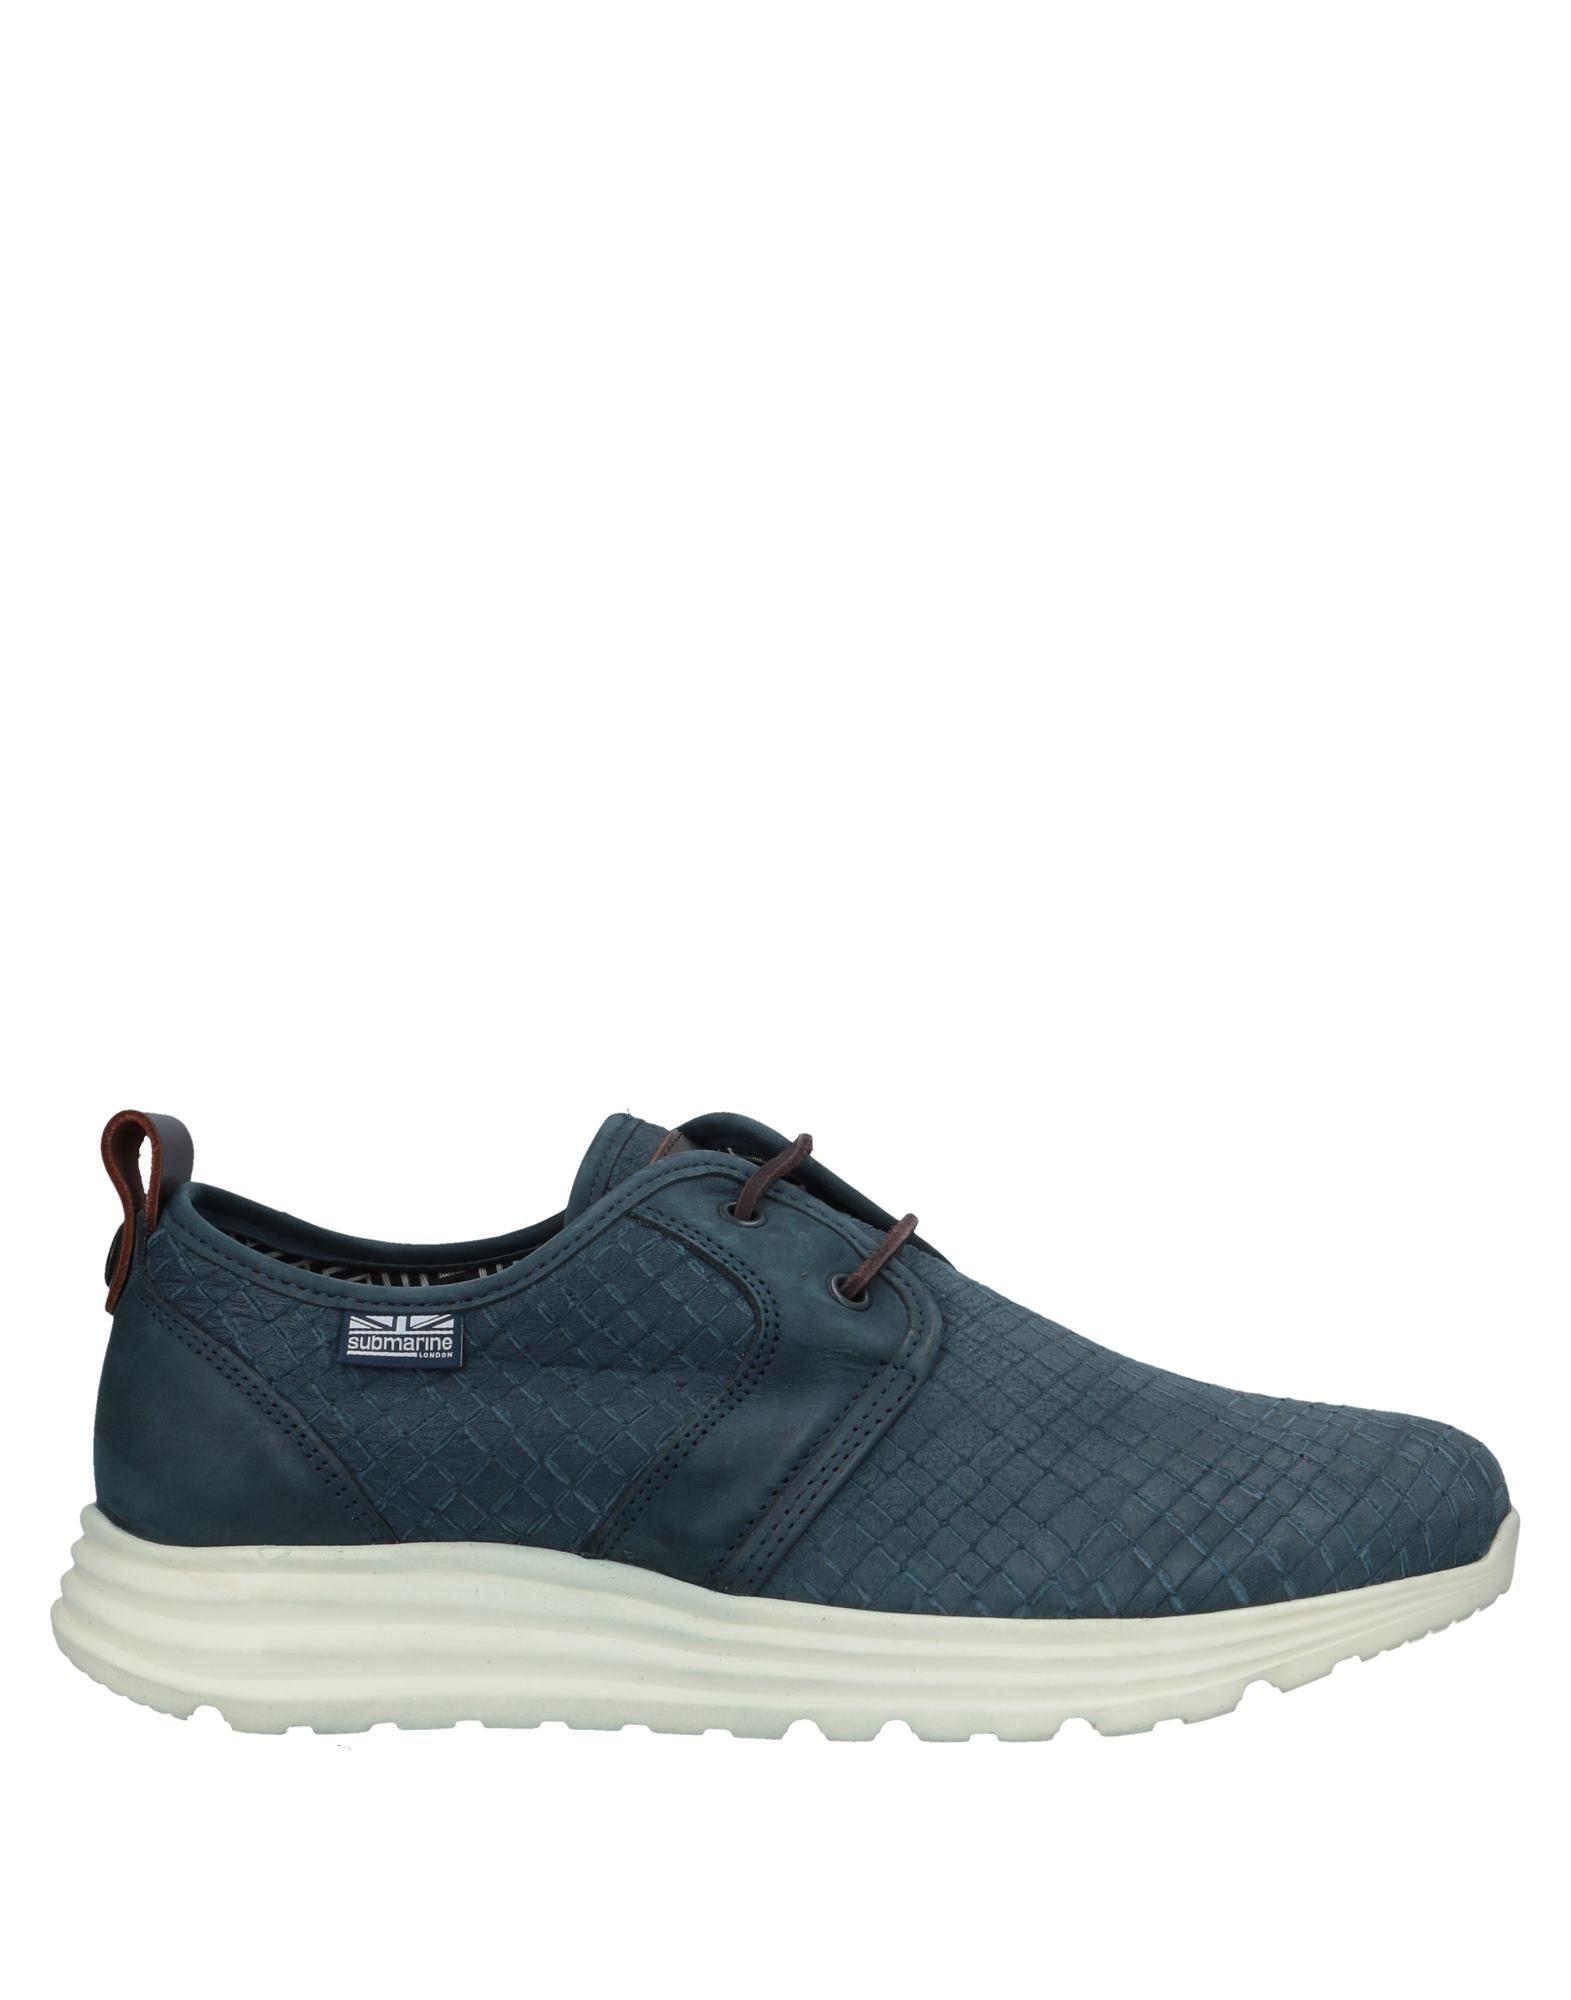 Azul oscuro Zapatillas Submarine Hombre Hombre Hombre - Zapatillas Submarine Recortes de precios estacionales, beneficios de descuento b15862